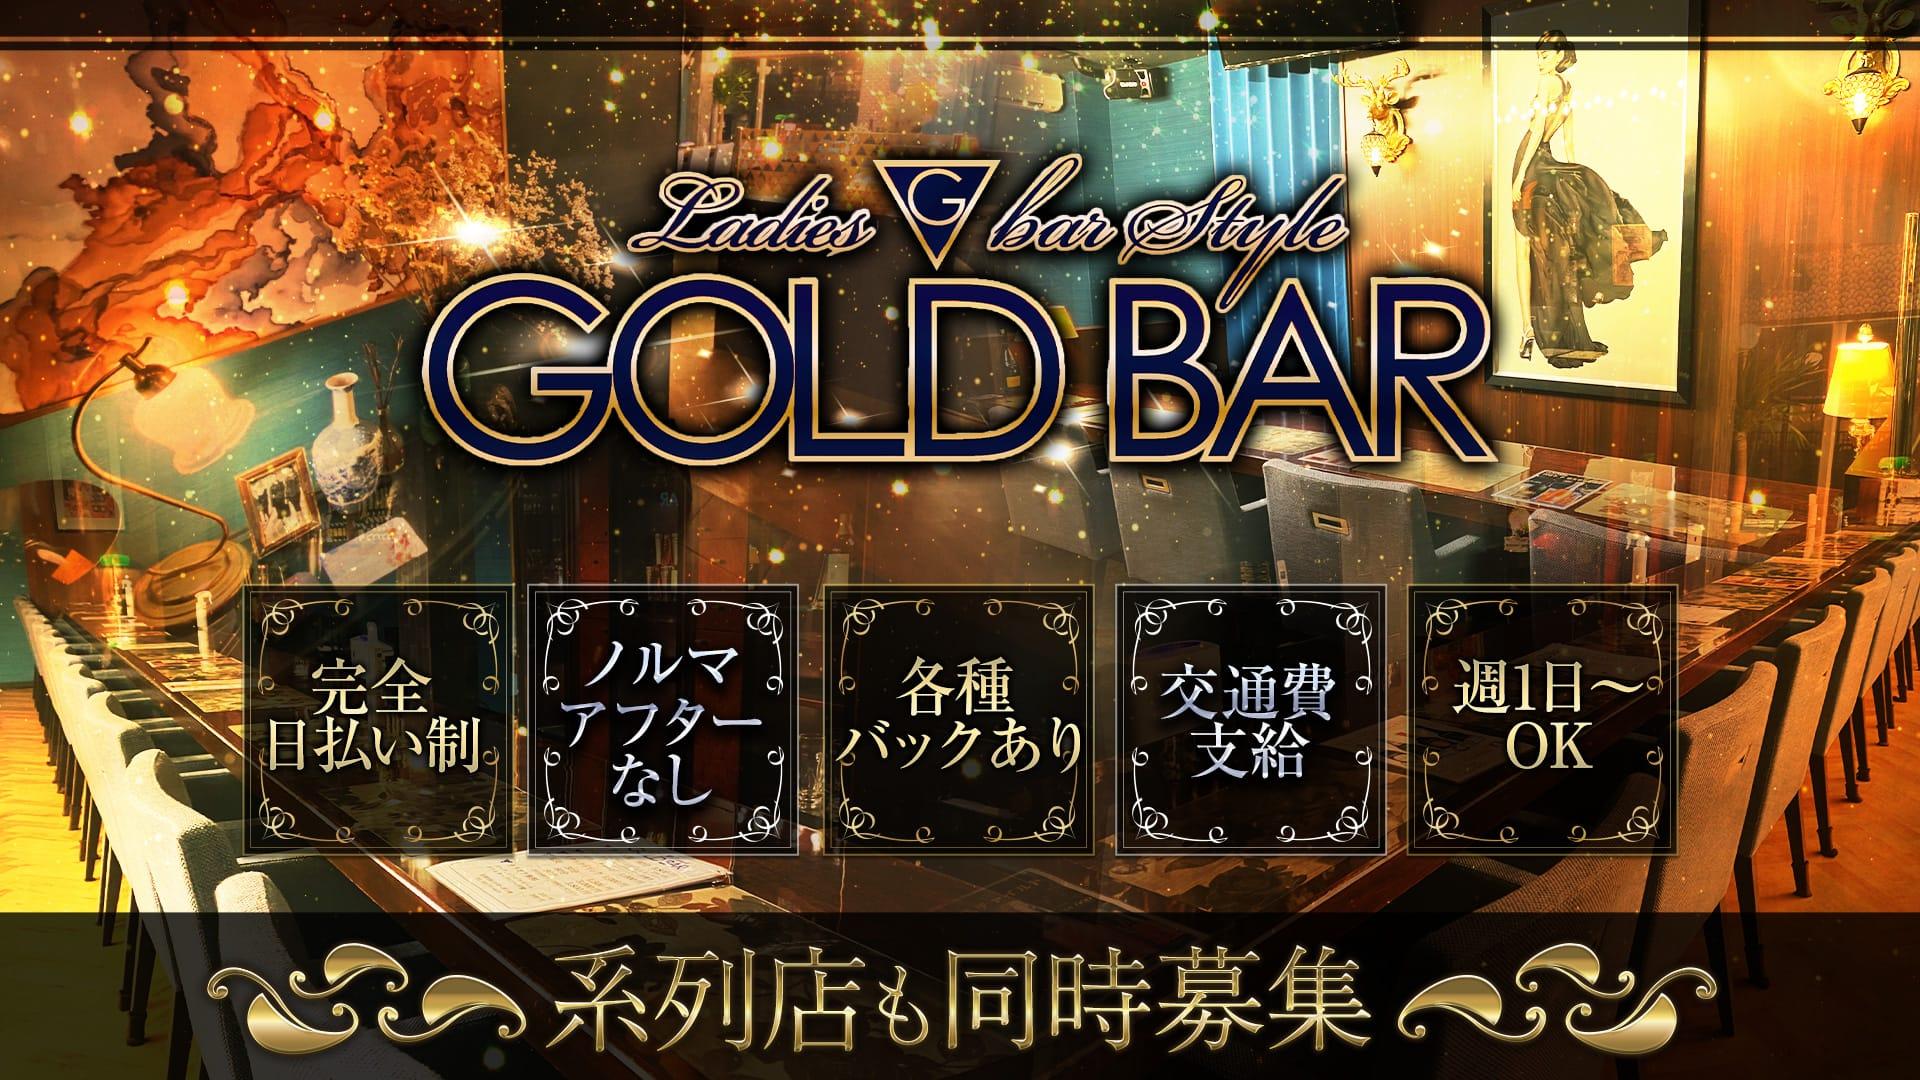 GOLD BAR 薬院六つ角店(ゴールドバー) 天神ガールズバー TOP画像